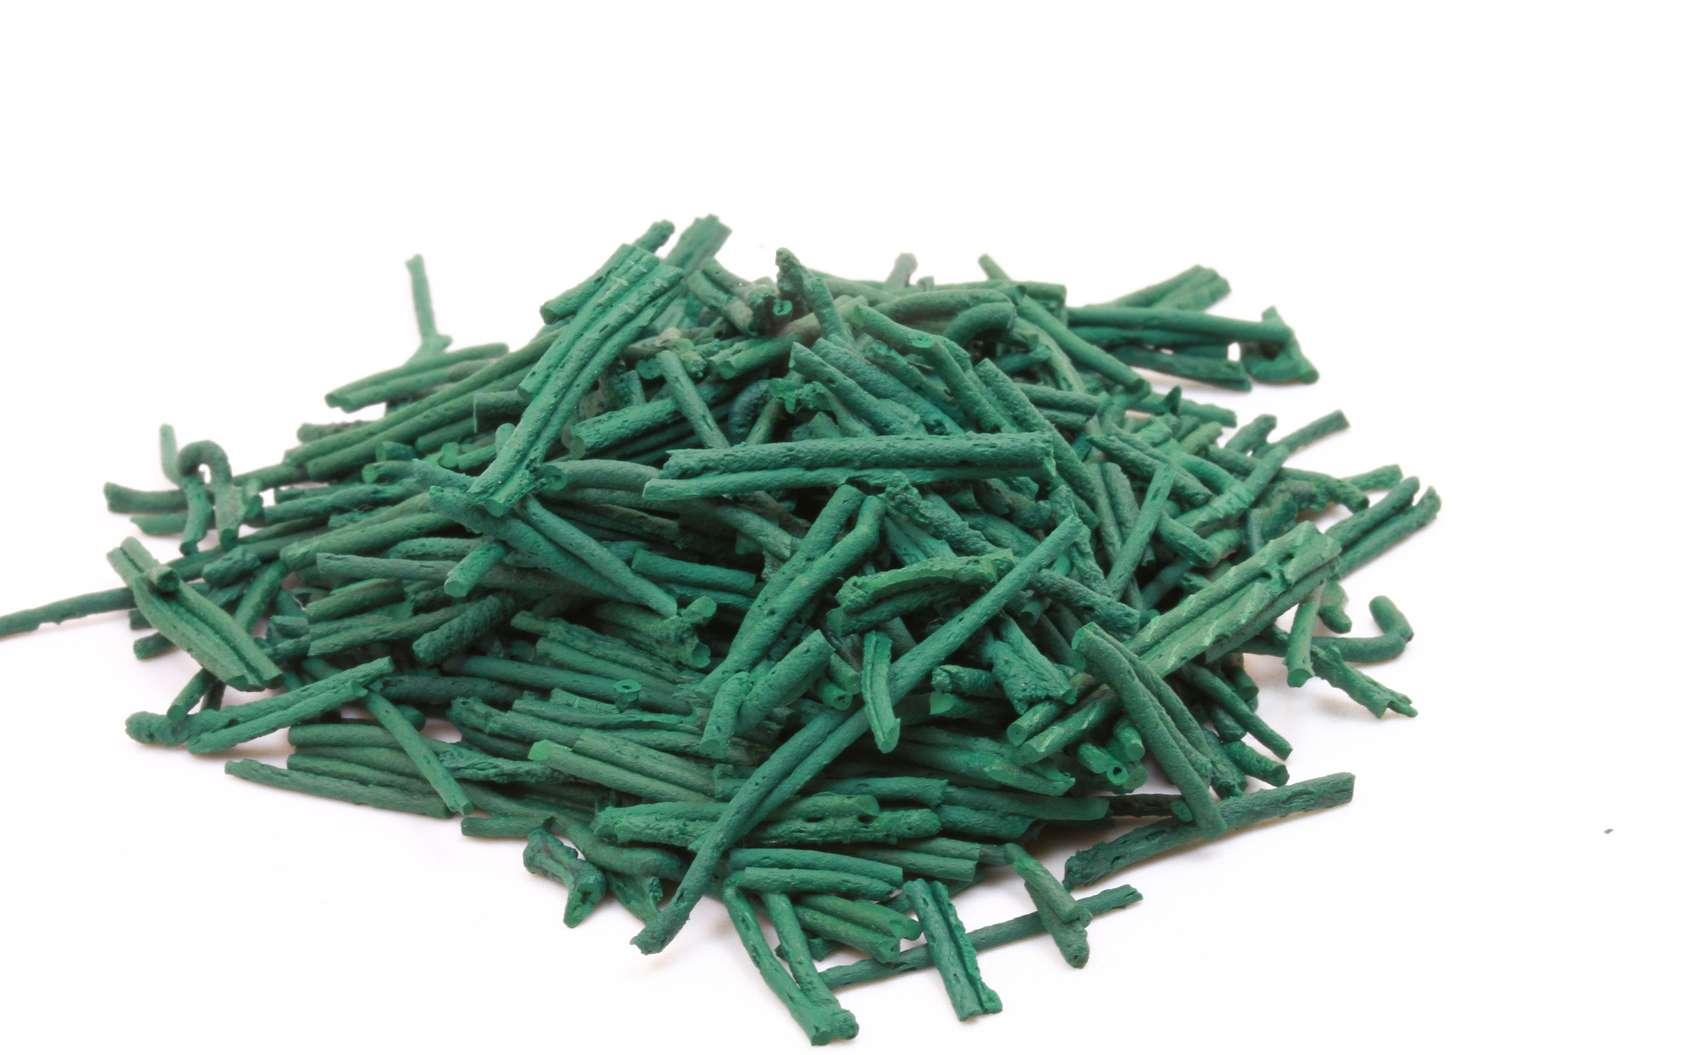 Les vertus de la spiruline sont dues à sa forte teneur en provitamines et en minéraux. © chanelle, Fotolia